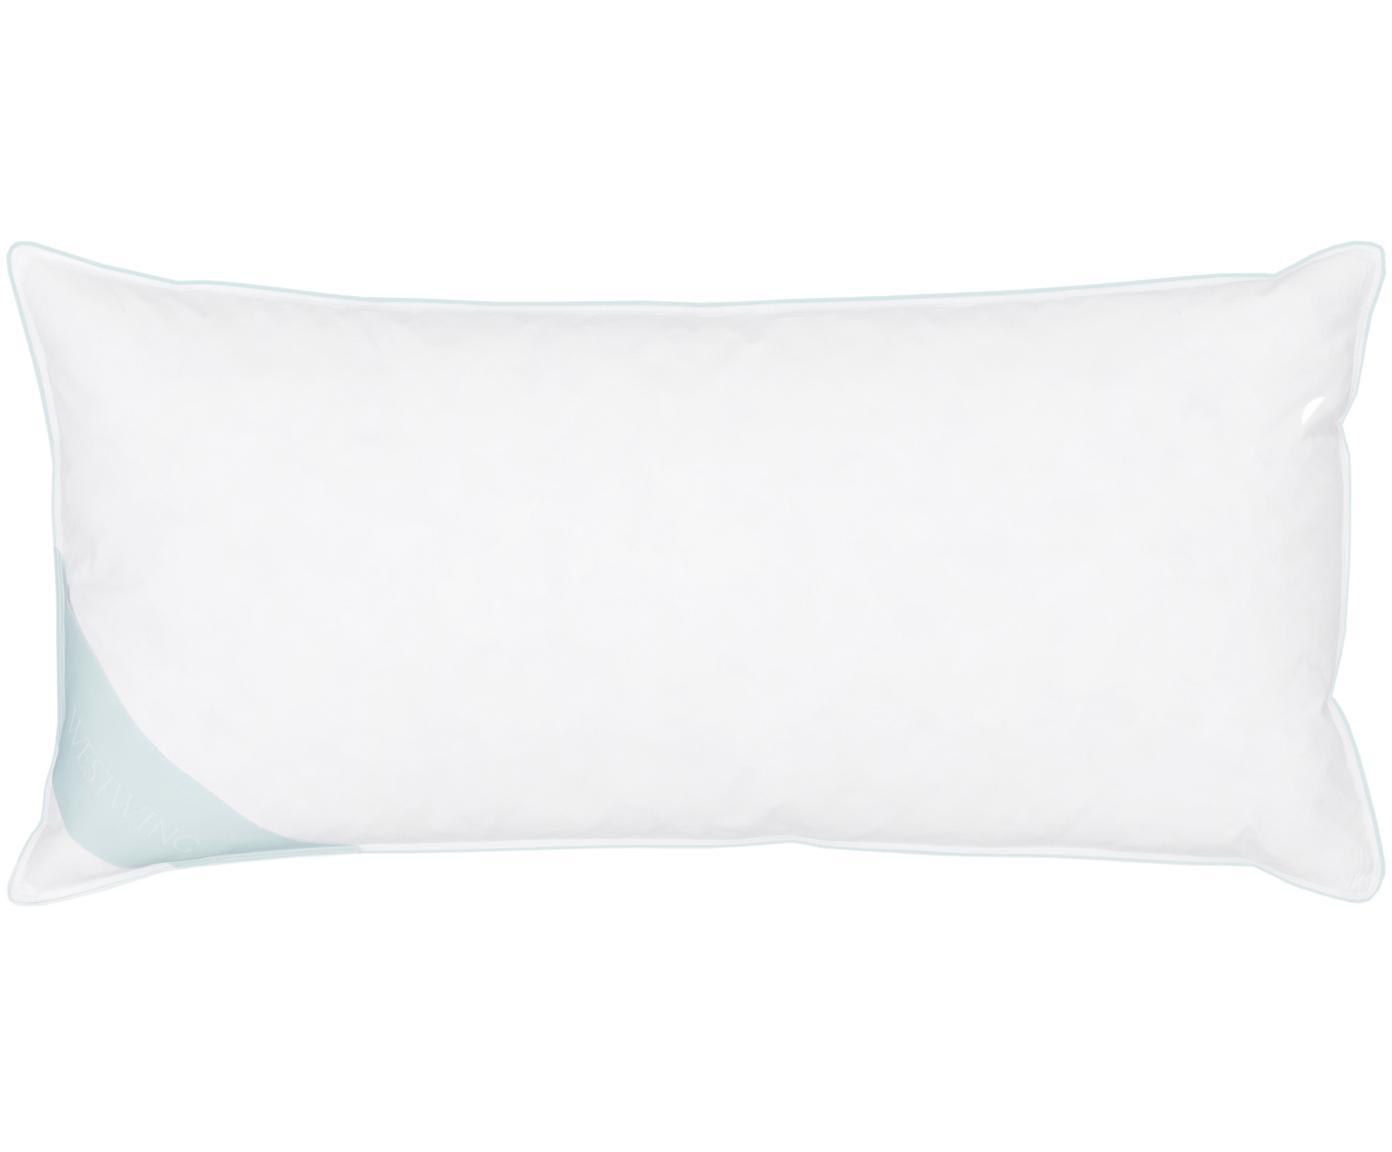 Feder-Kopfkissen Comfort, fest, Hülle: 100% Baumwolle, Mako-Köpe, Weiß mit türkiser Satinbiese, 40 x 80 cm